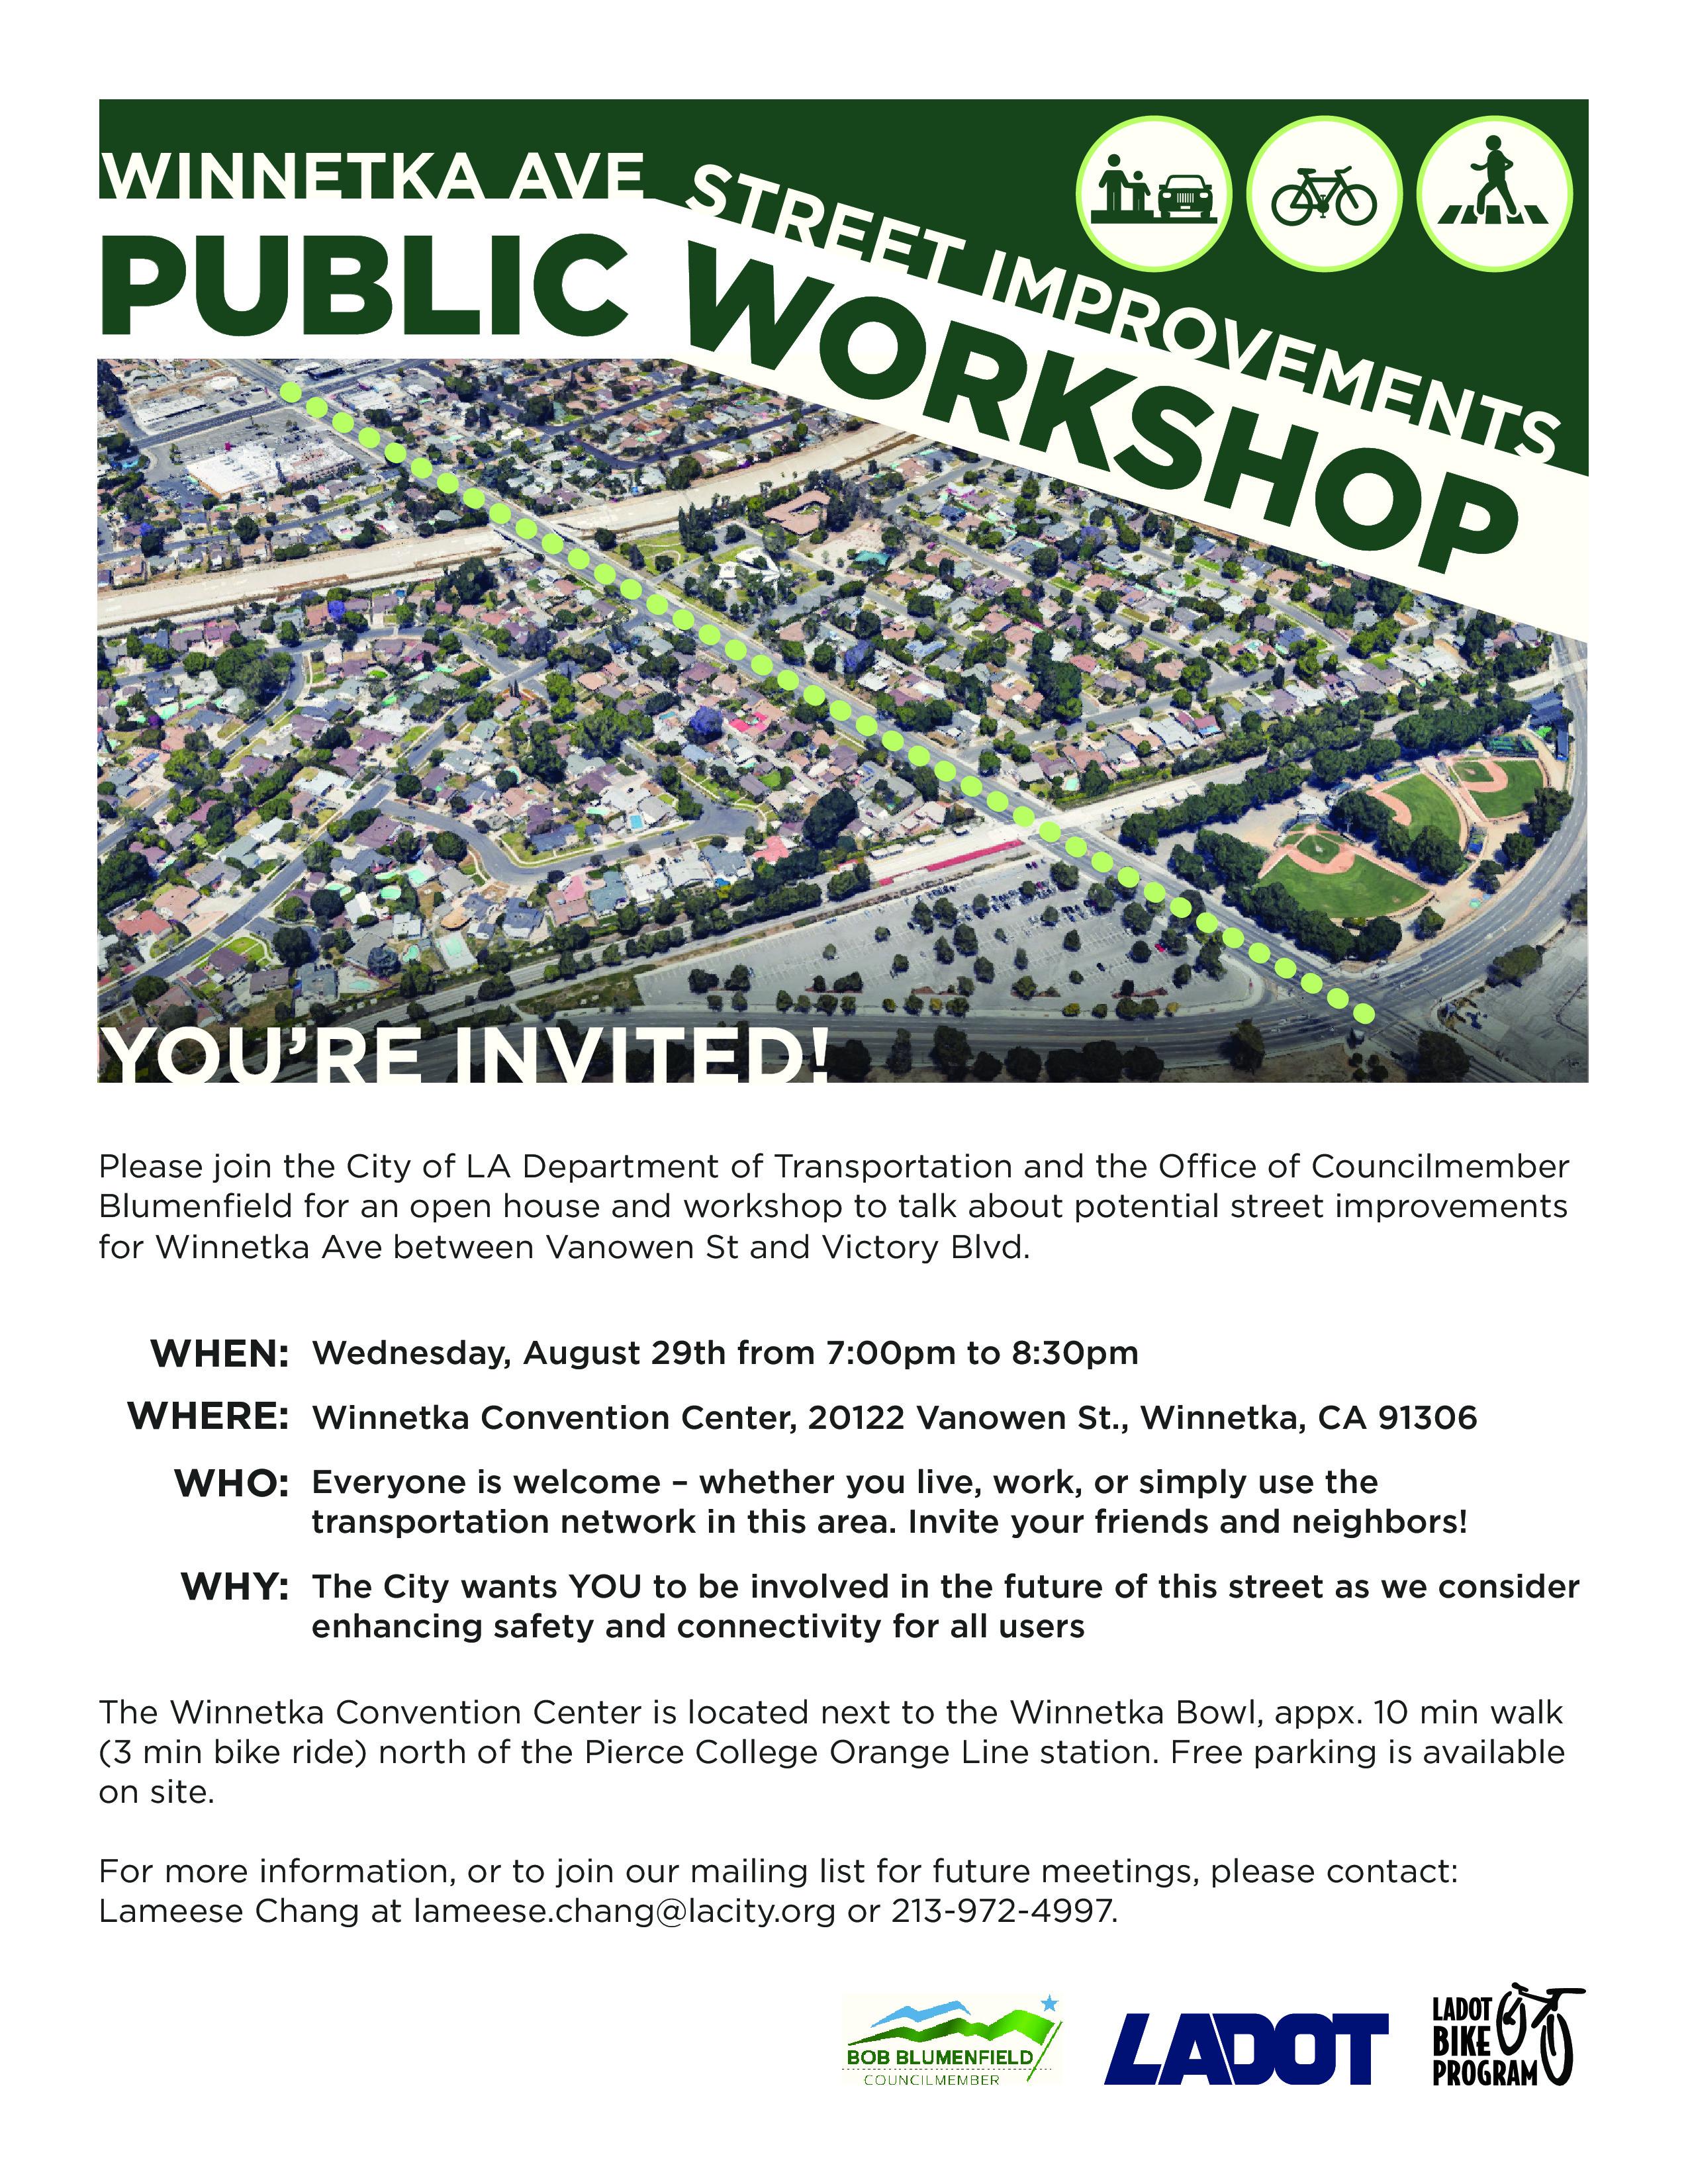 Winnetka_Public_Workshop_Flyer-page-0.jpg